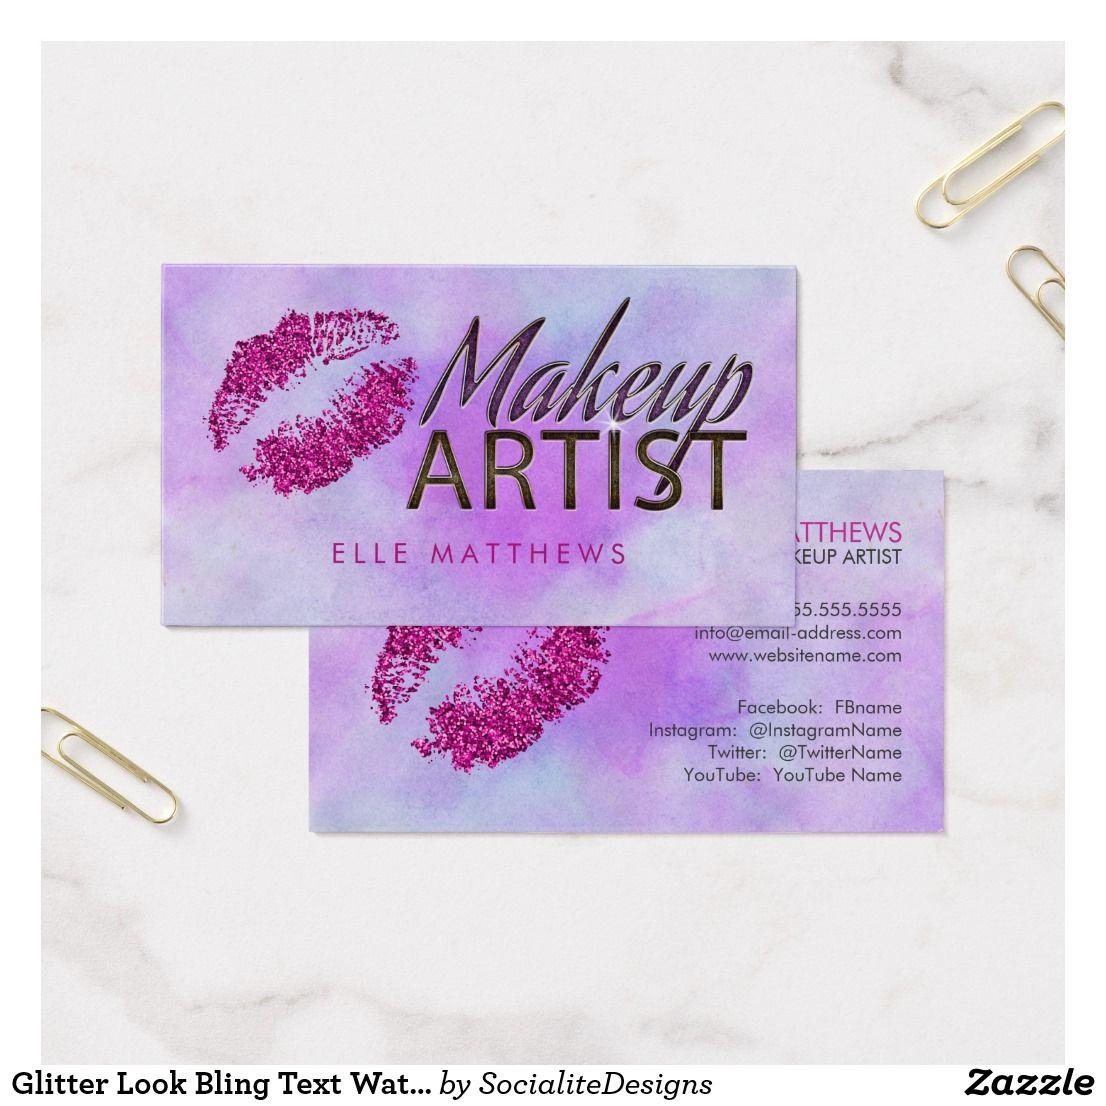 Glitter Look Bling Text Watercolor Makeup Artist Business Card ...